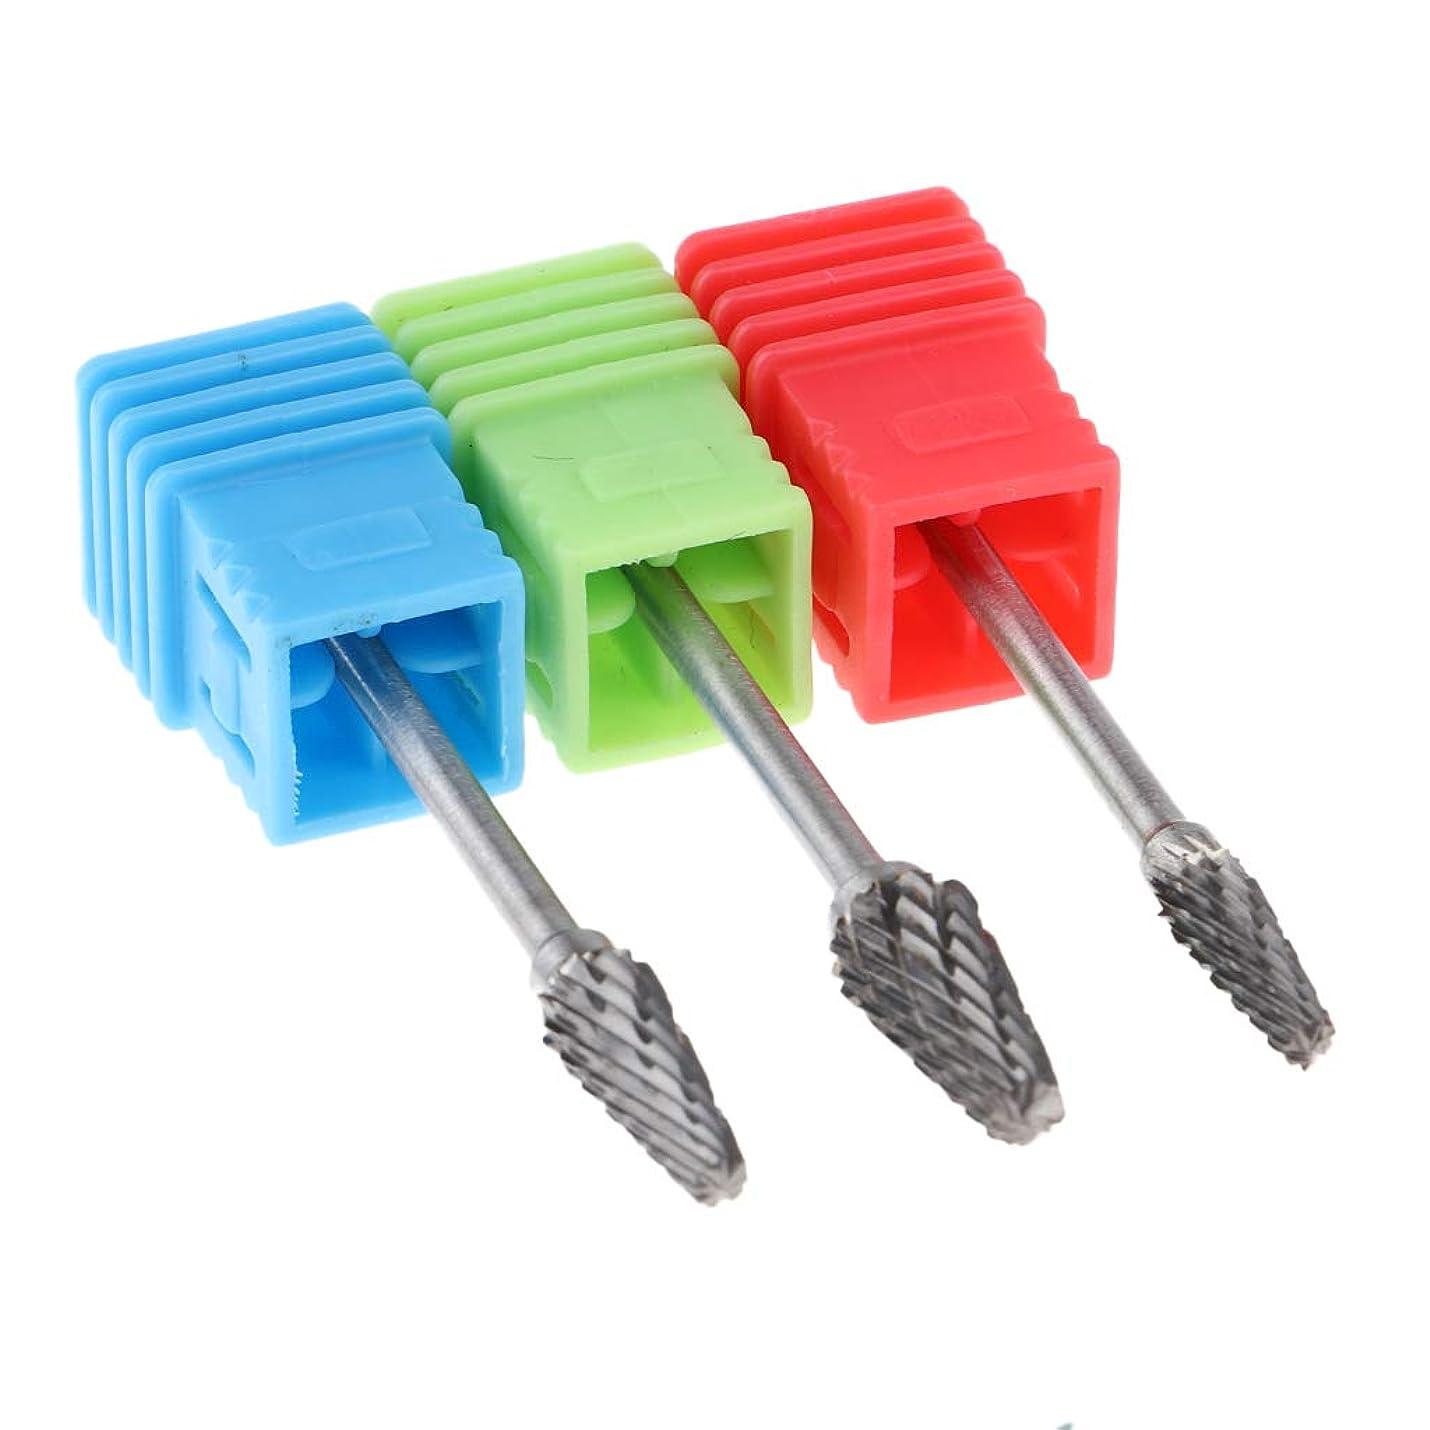 める動揺させるマッサージP Prettyia 超硬 ネイルドリルビット フレーム 3個 ネイルチップ 研削 研磨ヘッド